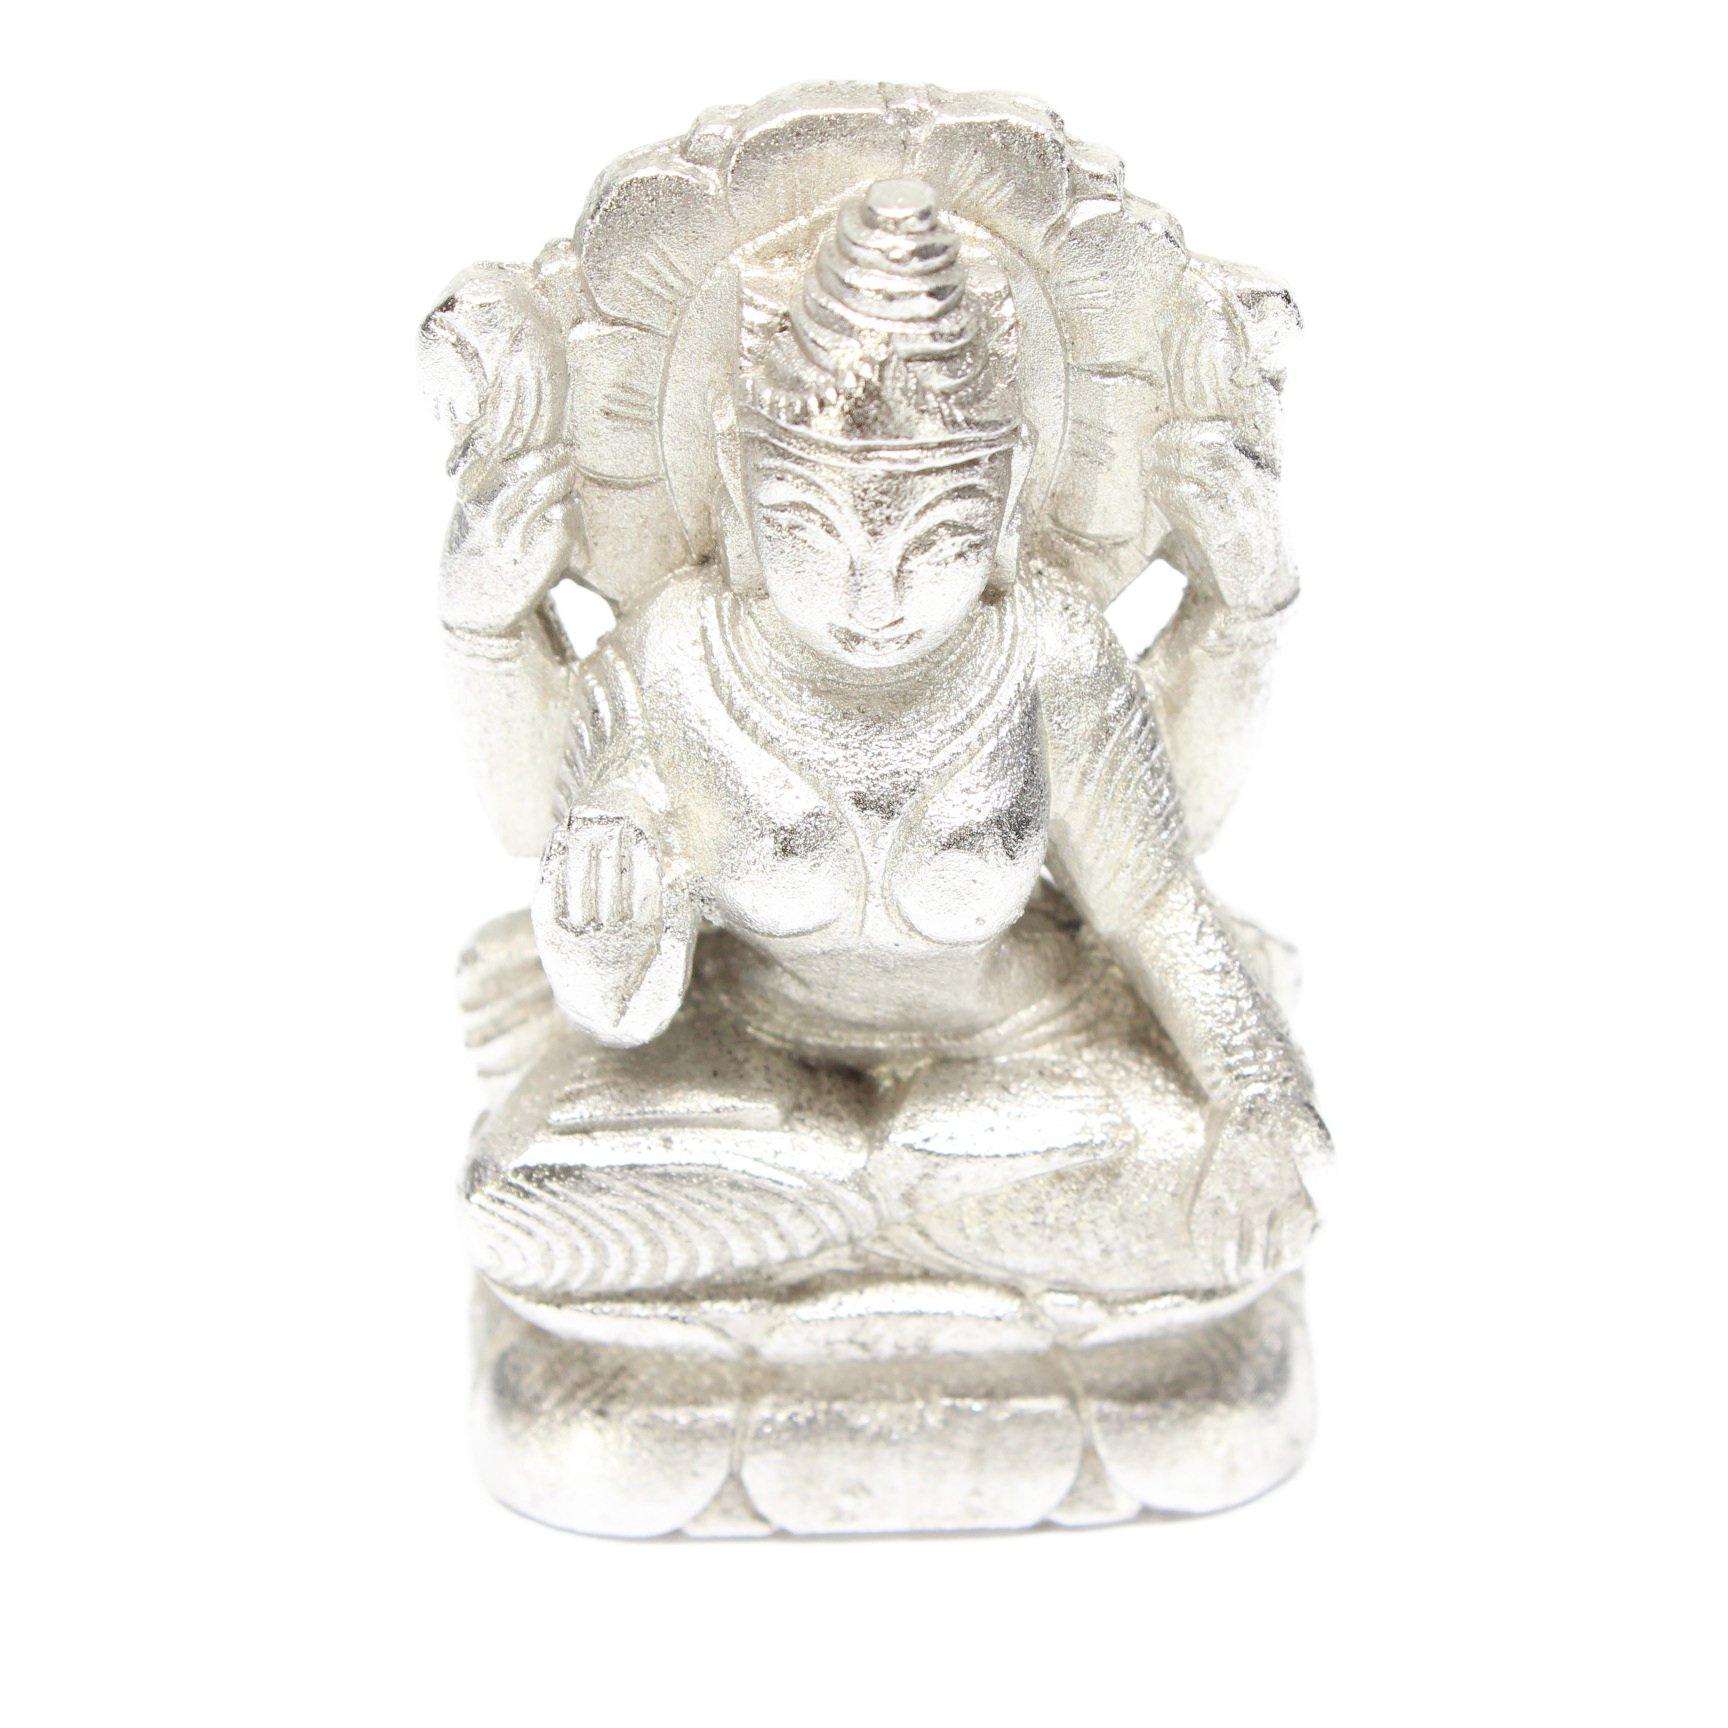 パラド・ラクシュミー女神像(高さ約7.6...